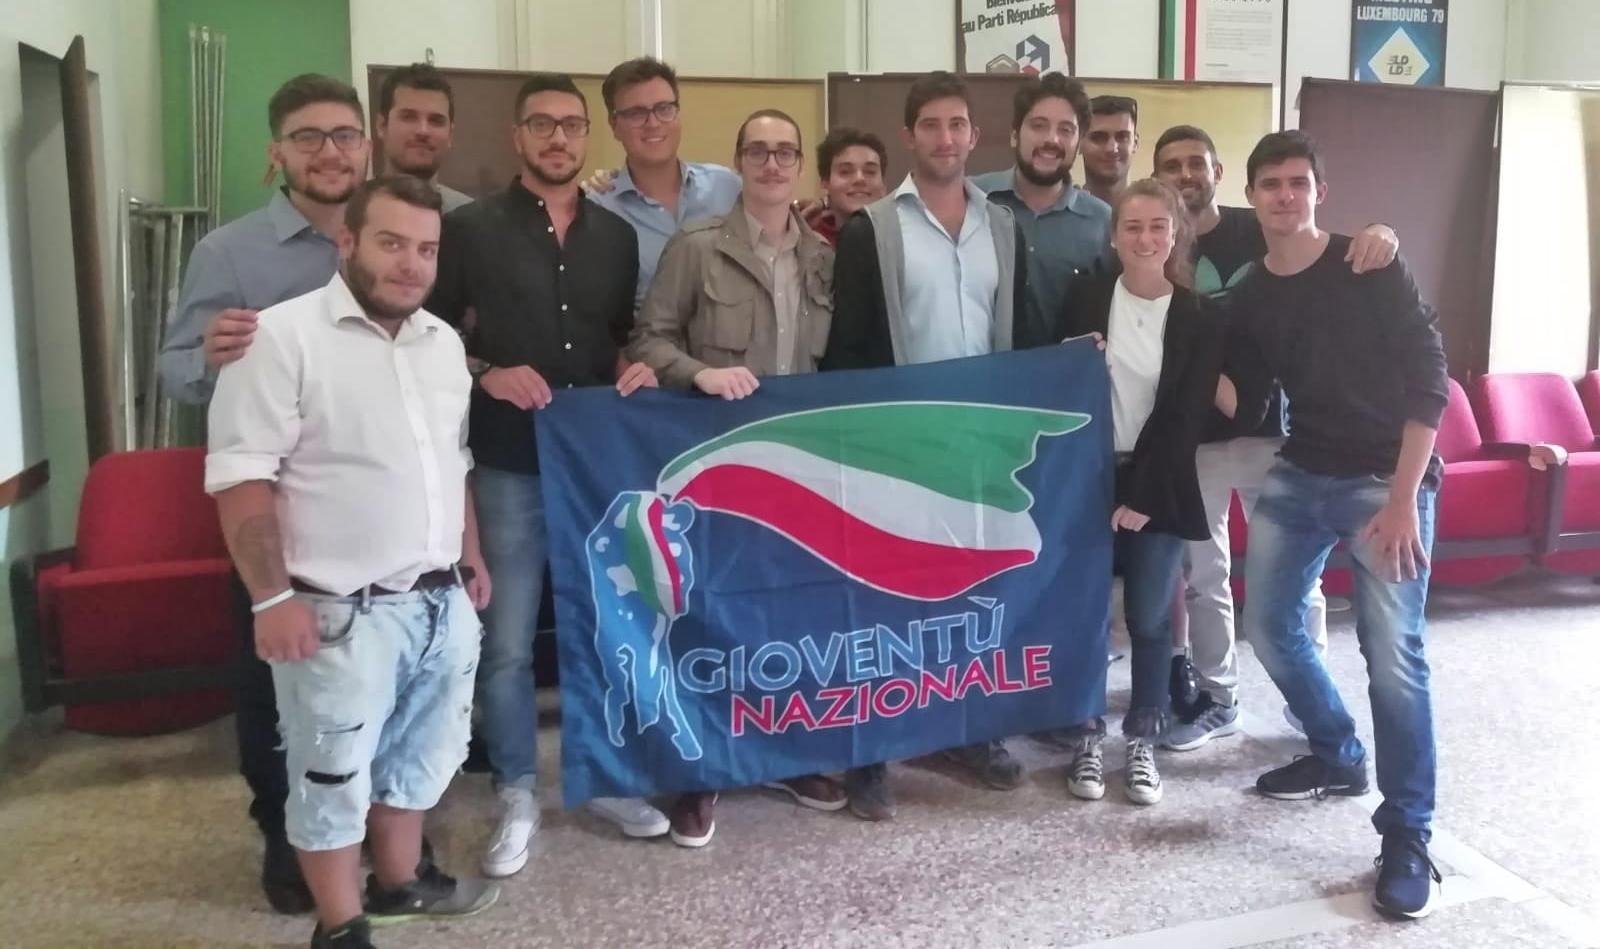 Alessandro_Vitali_Gioventù_Nazionale_Portavoce_Forlì_Cesena